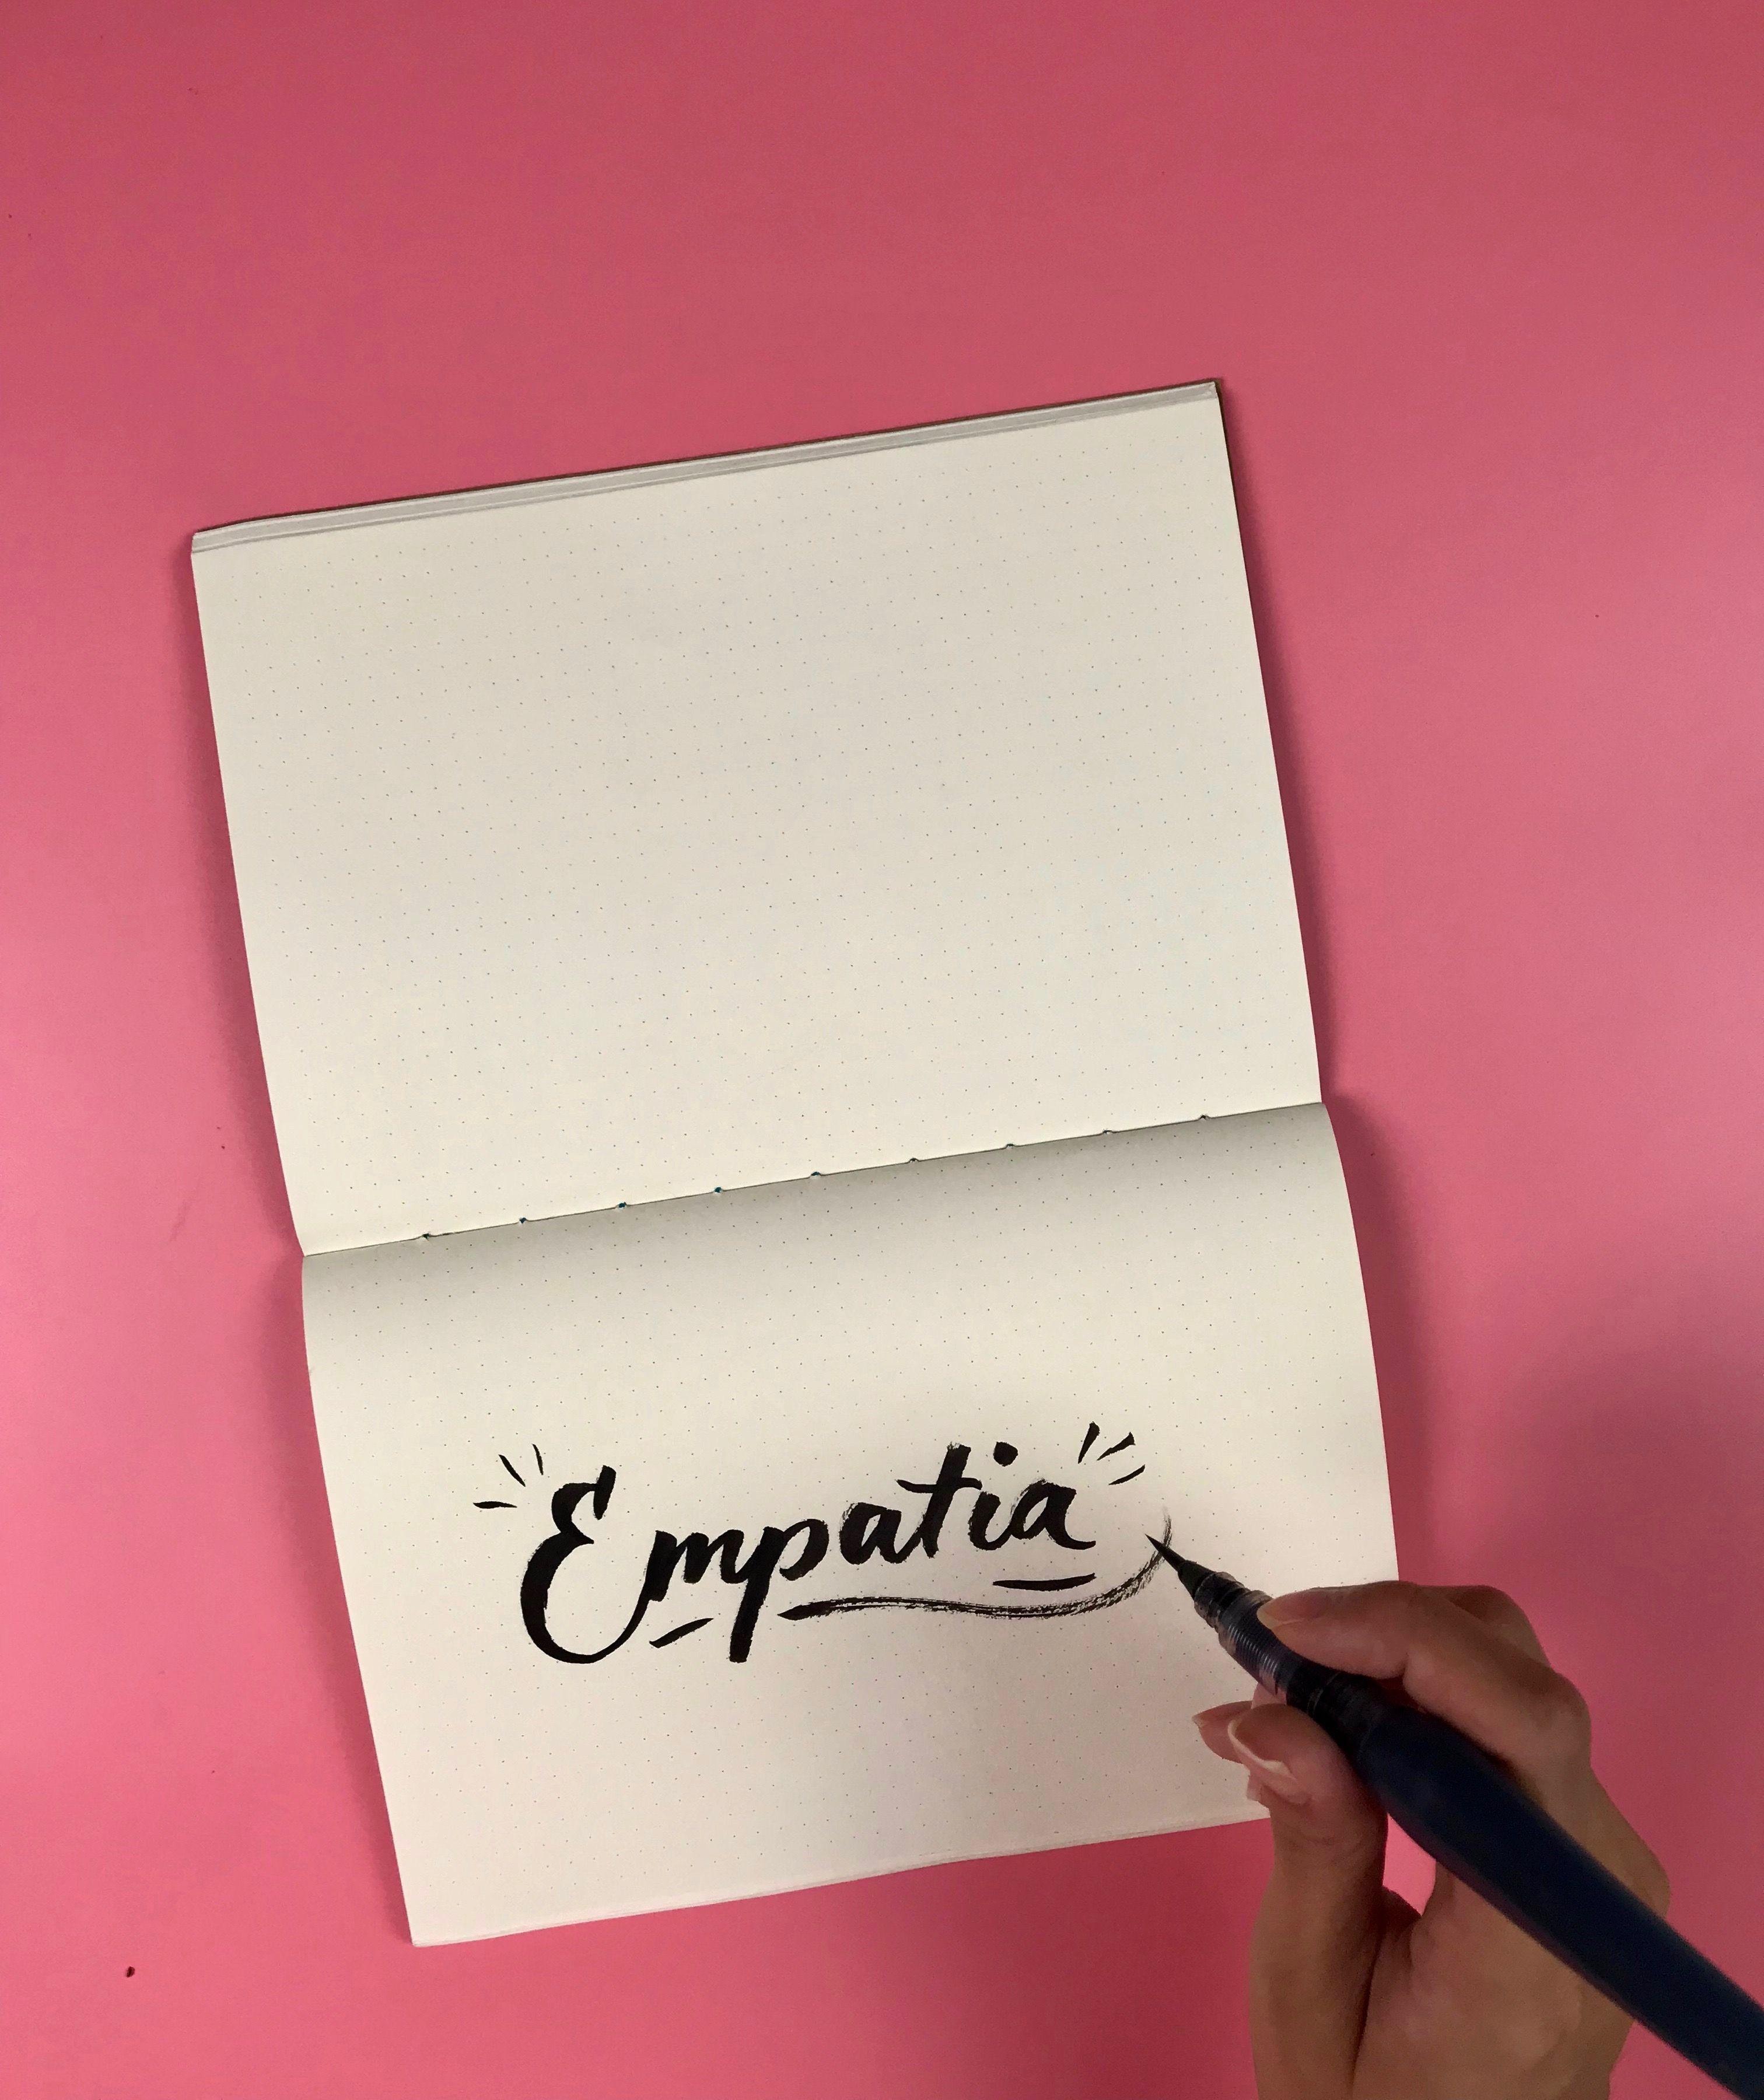 Curso online de hand lettering o fazer hand lettering curso de hand lettering